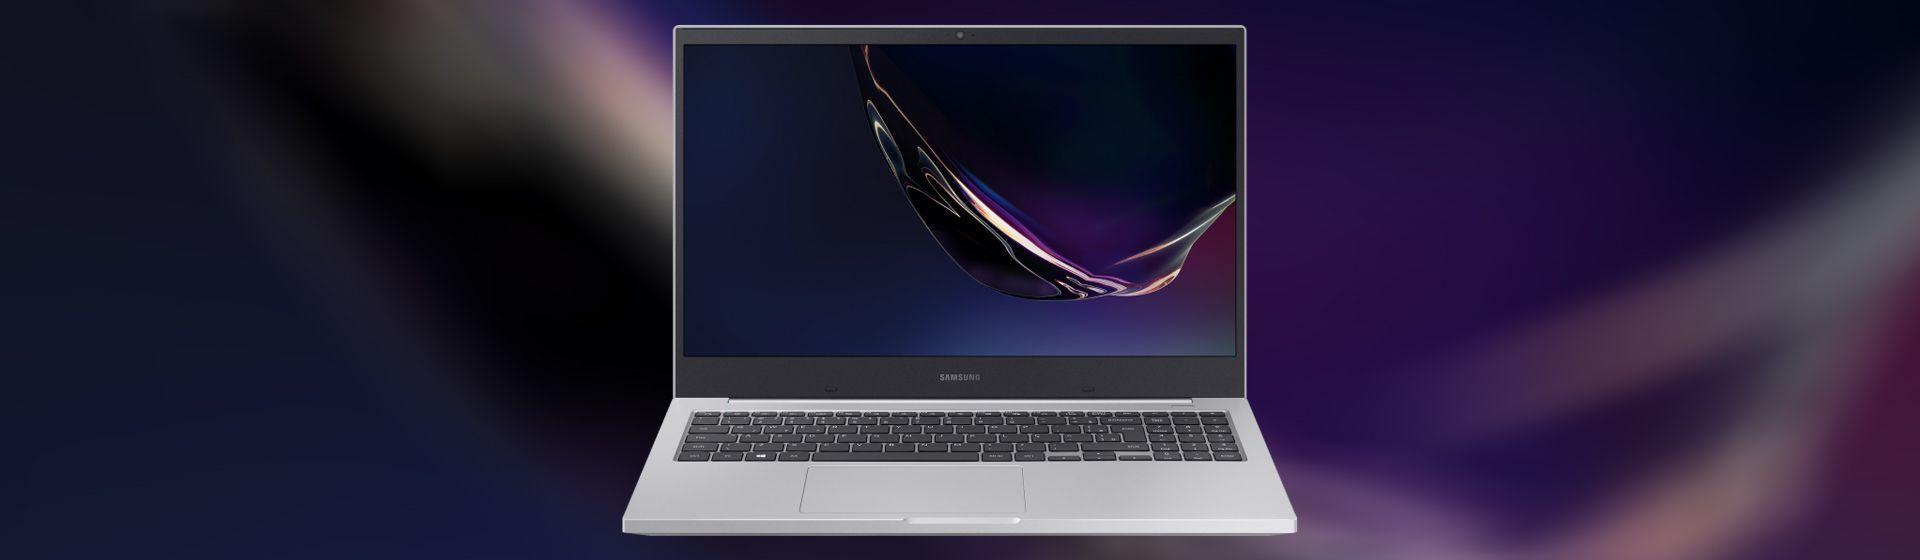 Samsung Book X50 vale a pena? Análise do notebook com placa de vídeo